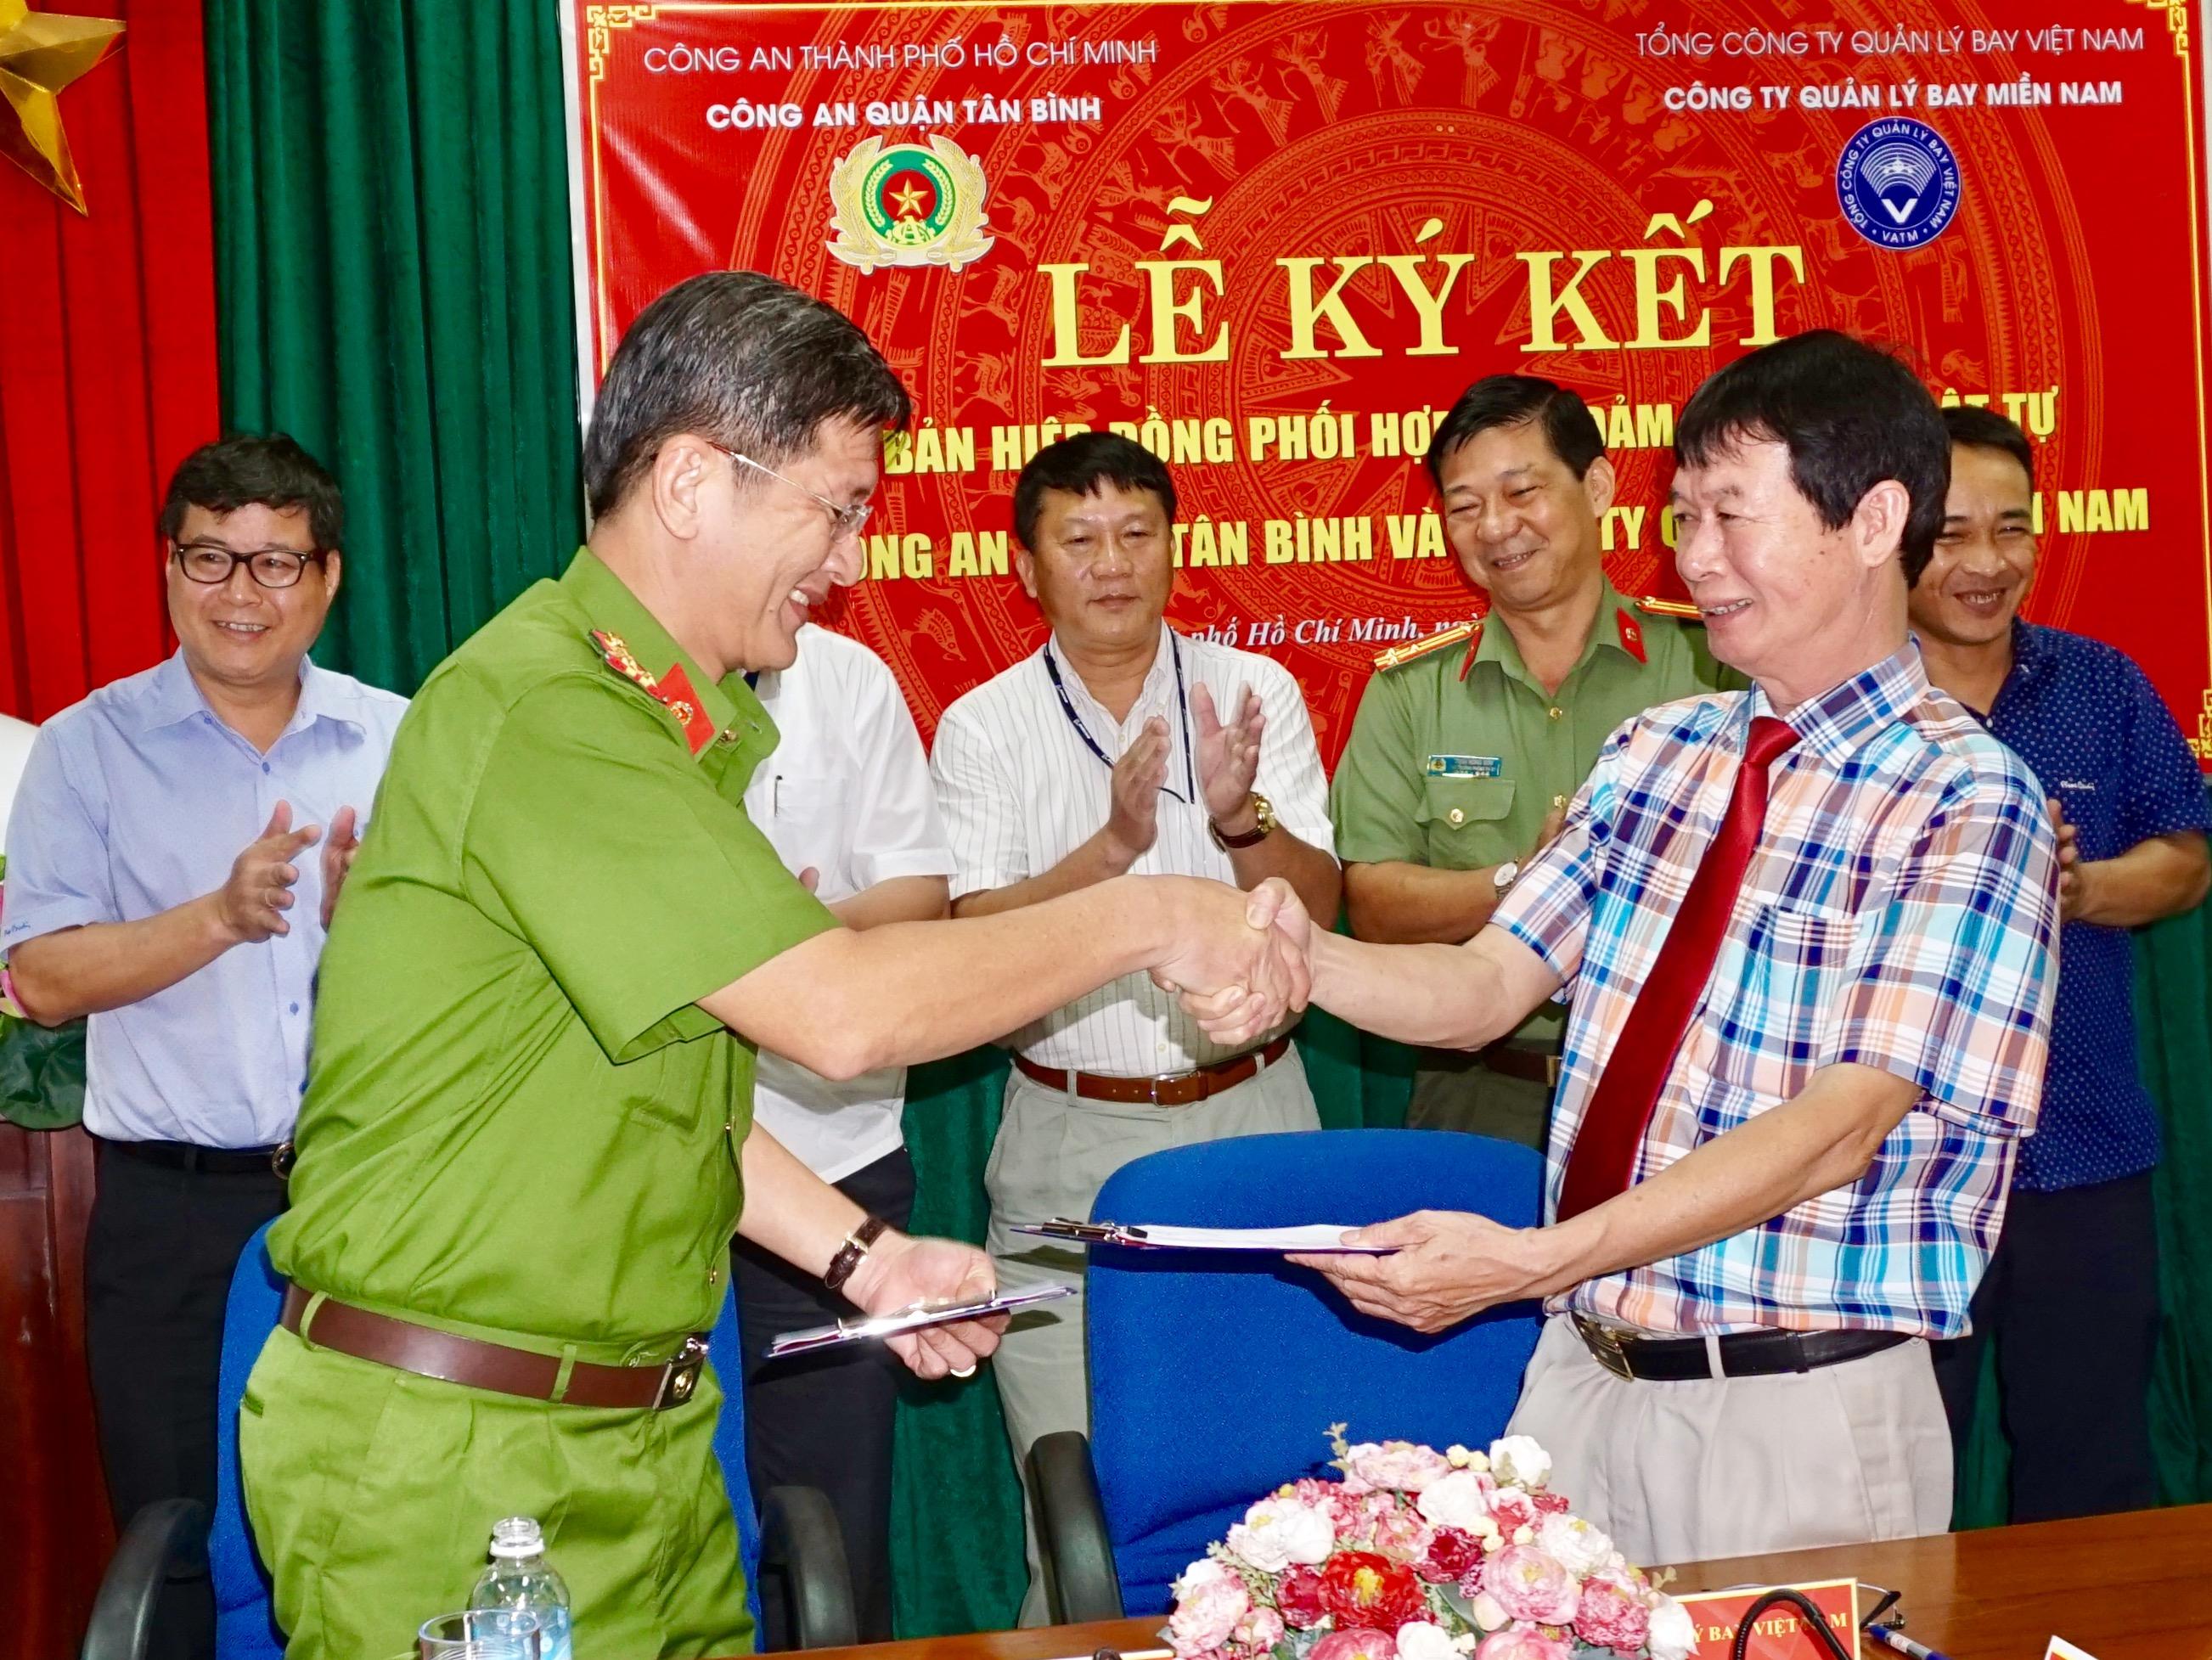 Công ty Quản lý bay miền Nam và Công an quận Tân Bình tổ chức lễ ký kết Văn bản hiệp đồng phối hợp bảo đảm an ninh, trật tự